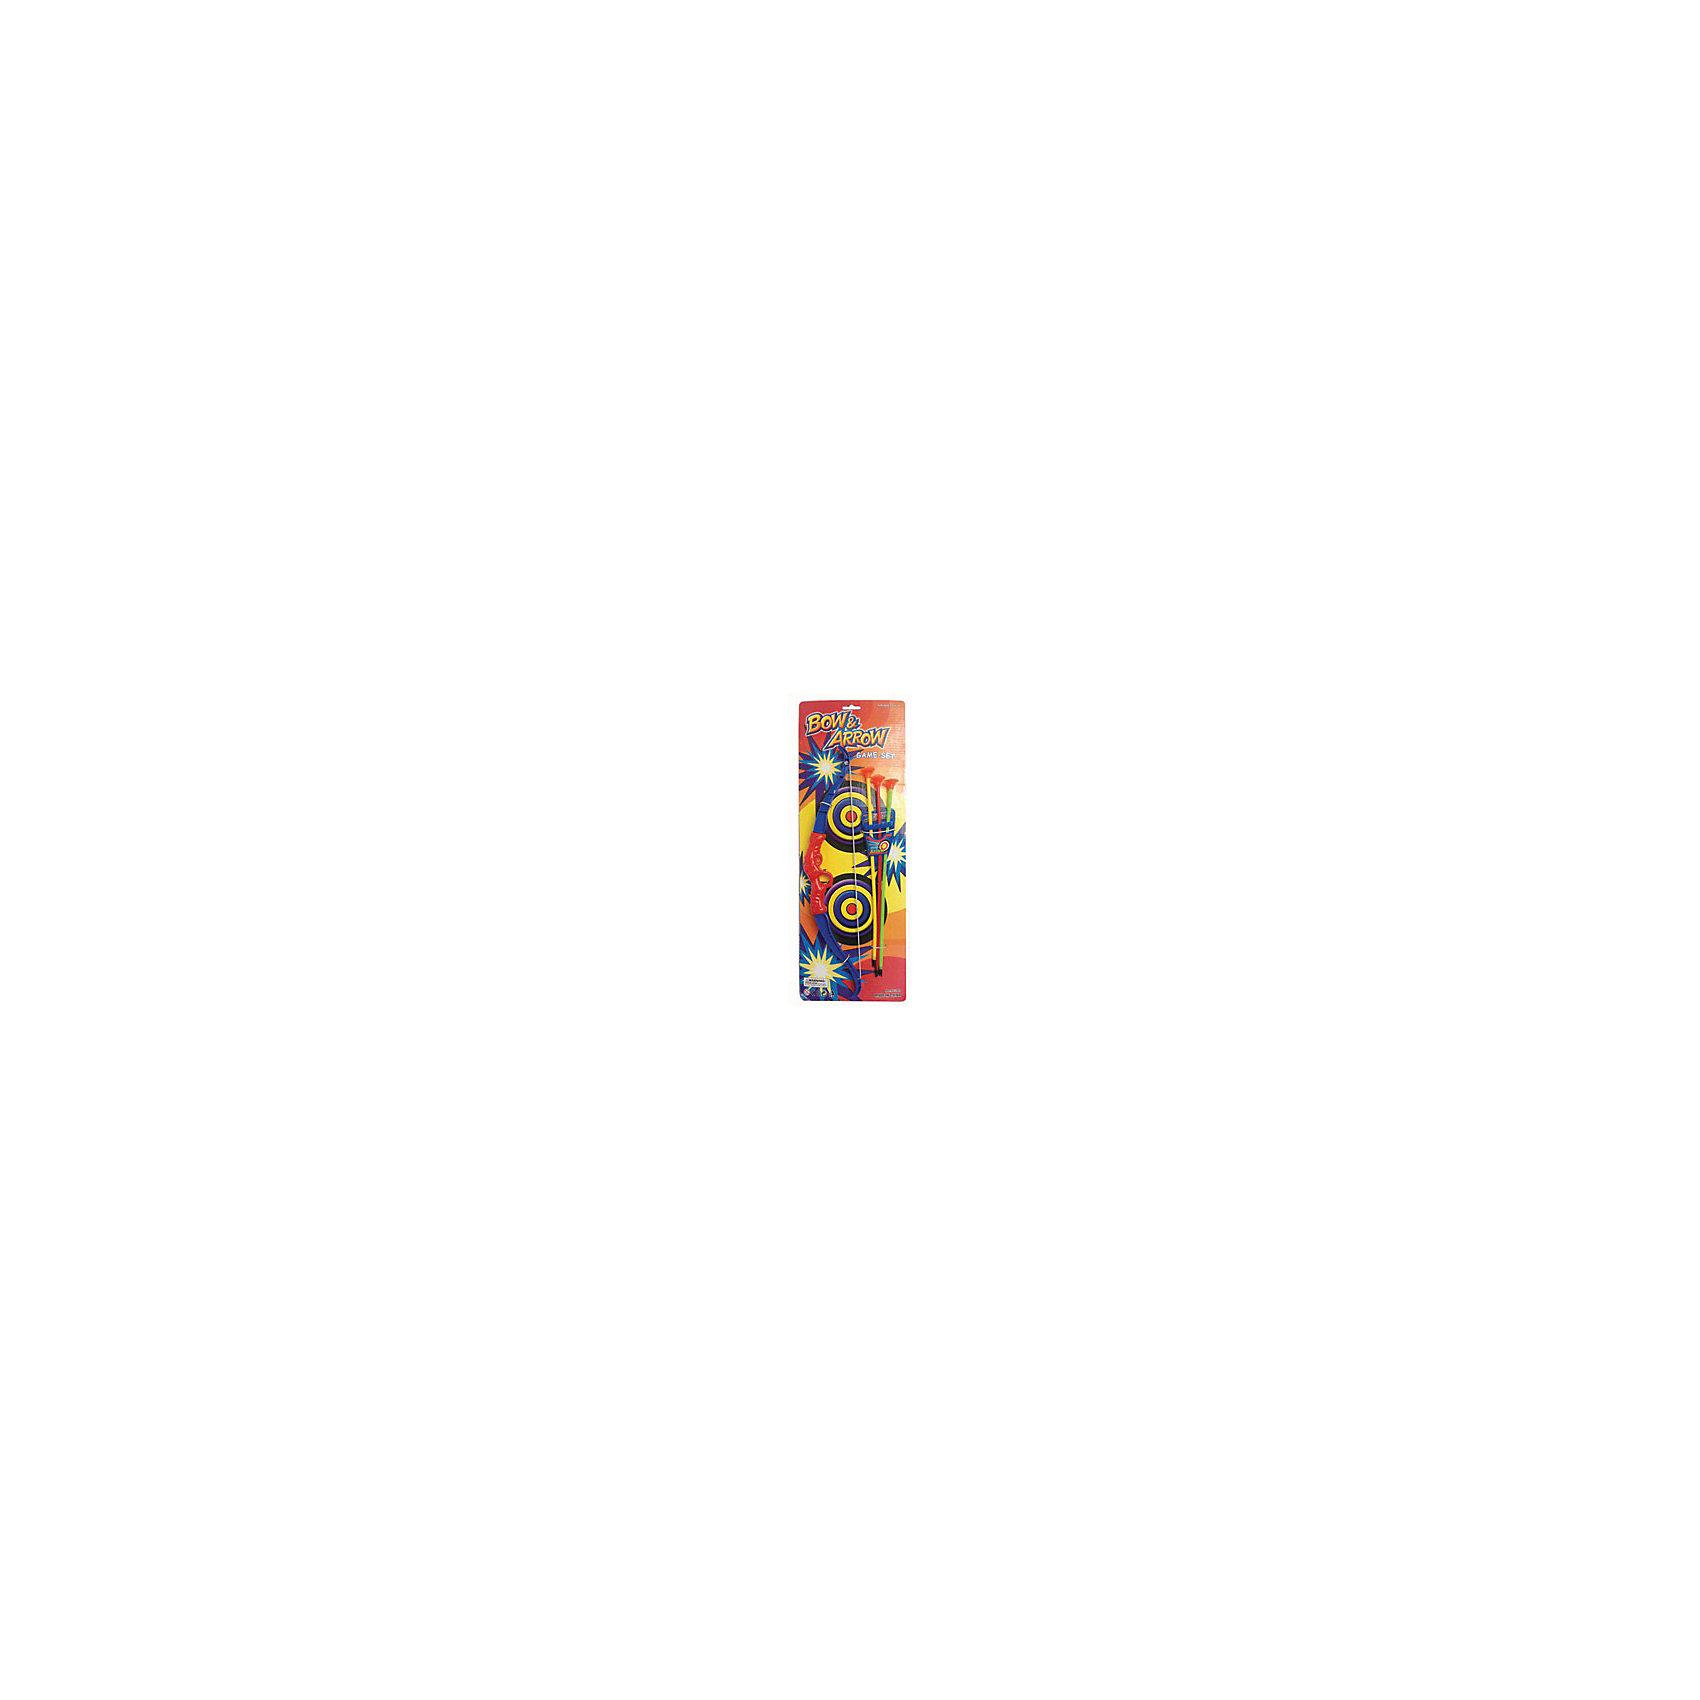 Лук со стрелами В яблочко, 43 см, InSummerПрекрасный набор юного лучника для Вашего ребенка! В наборе есть лук, колчан, три стрелы. С помощью такого набора, ребенок сможет быстро развить в себе меткость, внимание, координацию движений. Набор прекрасно подойдет как для игр на свежем воздухе, так и в помещении. <br><br>Дополнительная информация: <br><br>- Возраст: от 3 лет.<br>- Материал: пластик.<br>- Комплект: лук, колчан, 3 стрелы.<br>- Размер игрушки: 43 см<br><br>Купить лук со стрелами В яблочко от InSummer,  можно в нашем магазине.<br><br>Ширина мм: 520<br>Глубина мм: 190<br>Высота мм: 30<br>Вес г: 23<br>Возраст от месяцев: 72<br>Возраст до месяцев: 156<br>Пол: Унисекс<br>Возраст: Детский<br>SKU: 4624445